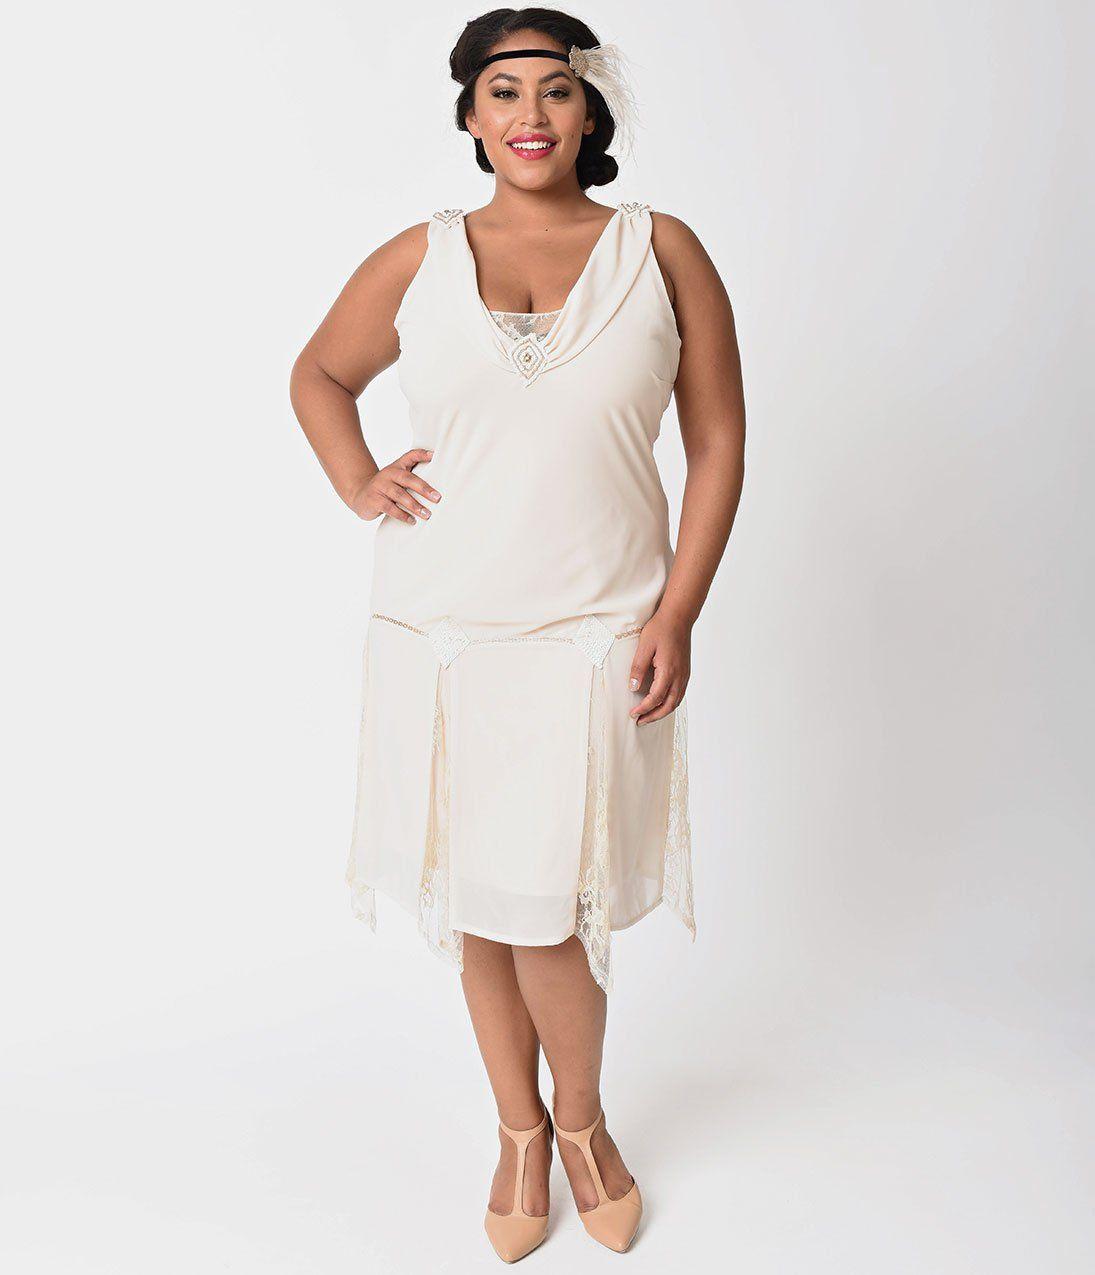 Halter top wedding dresses plus size  Shop s Plus Size Dresses and Costumes  us  Pinterest